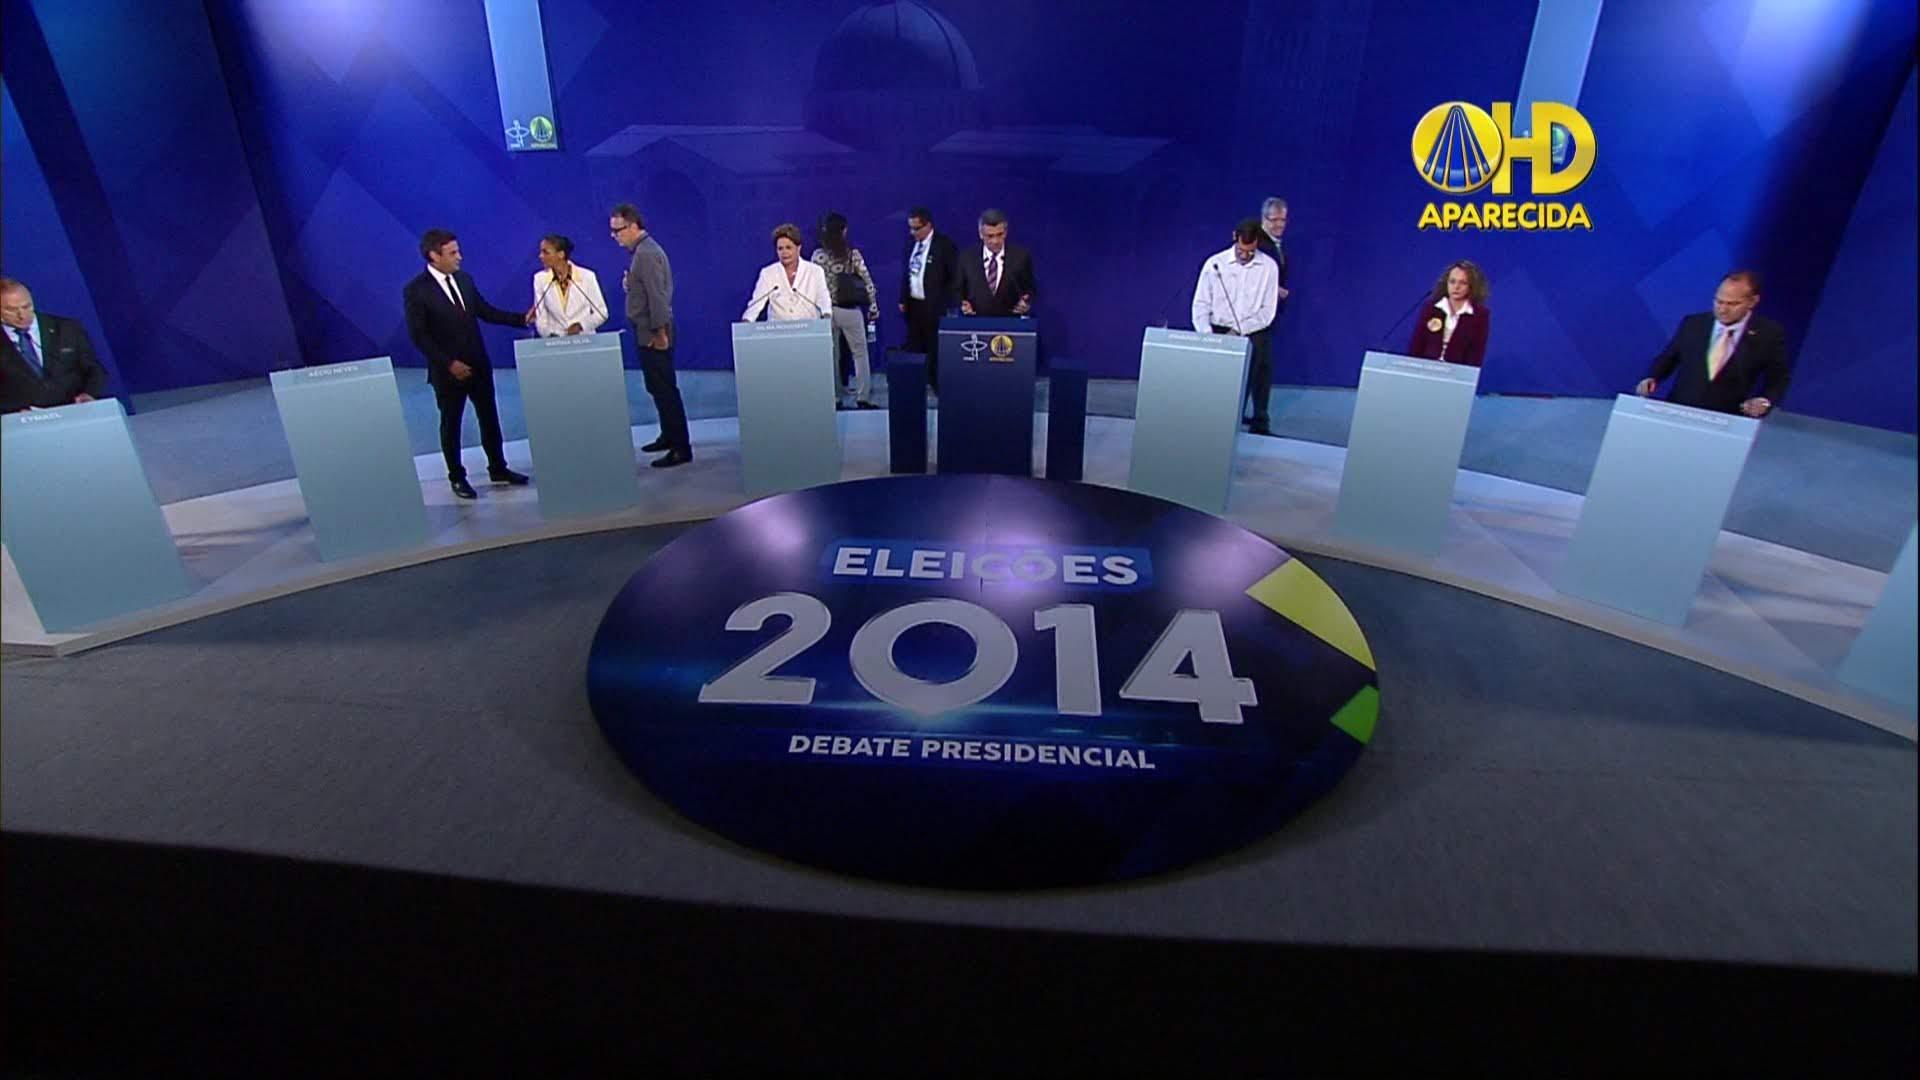 Rede Aparecida divulga detalhes do Debate presidencial